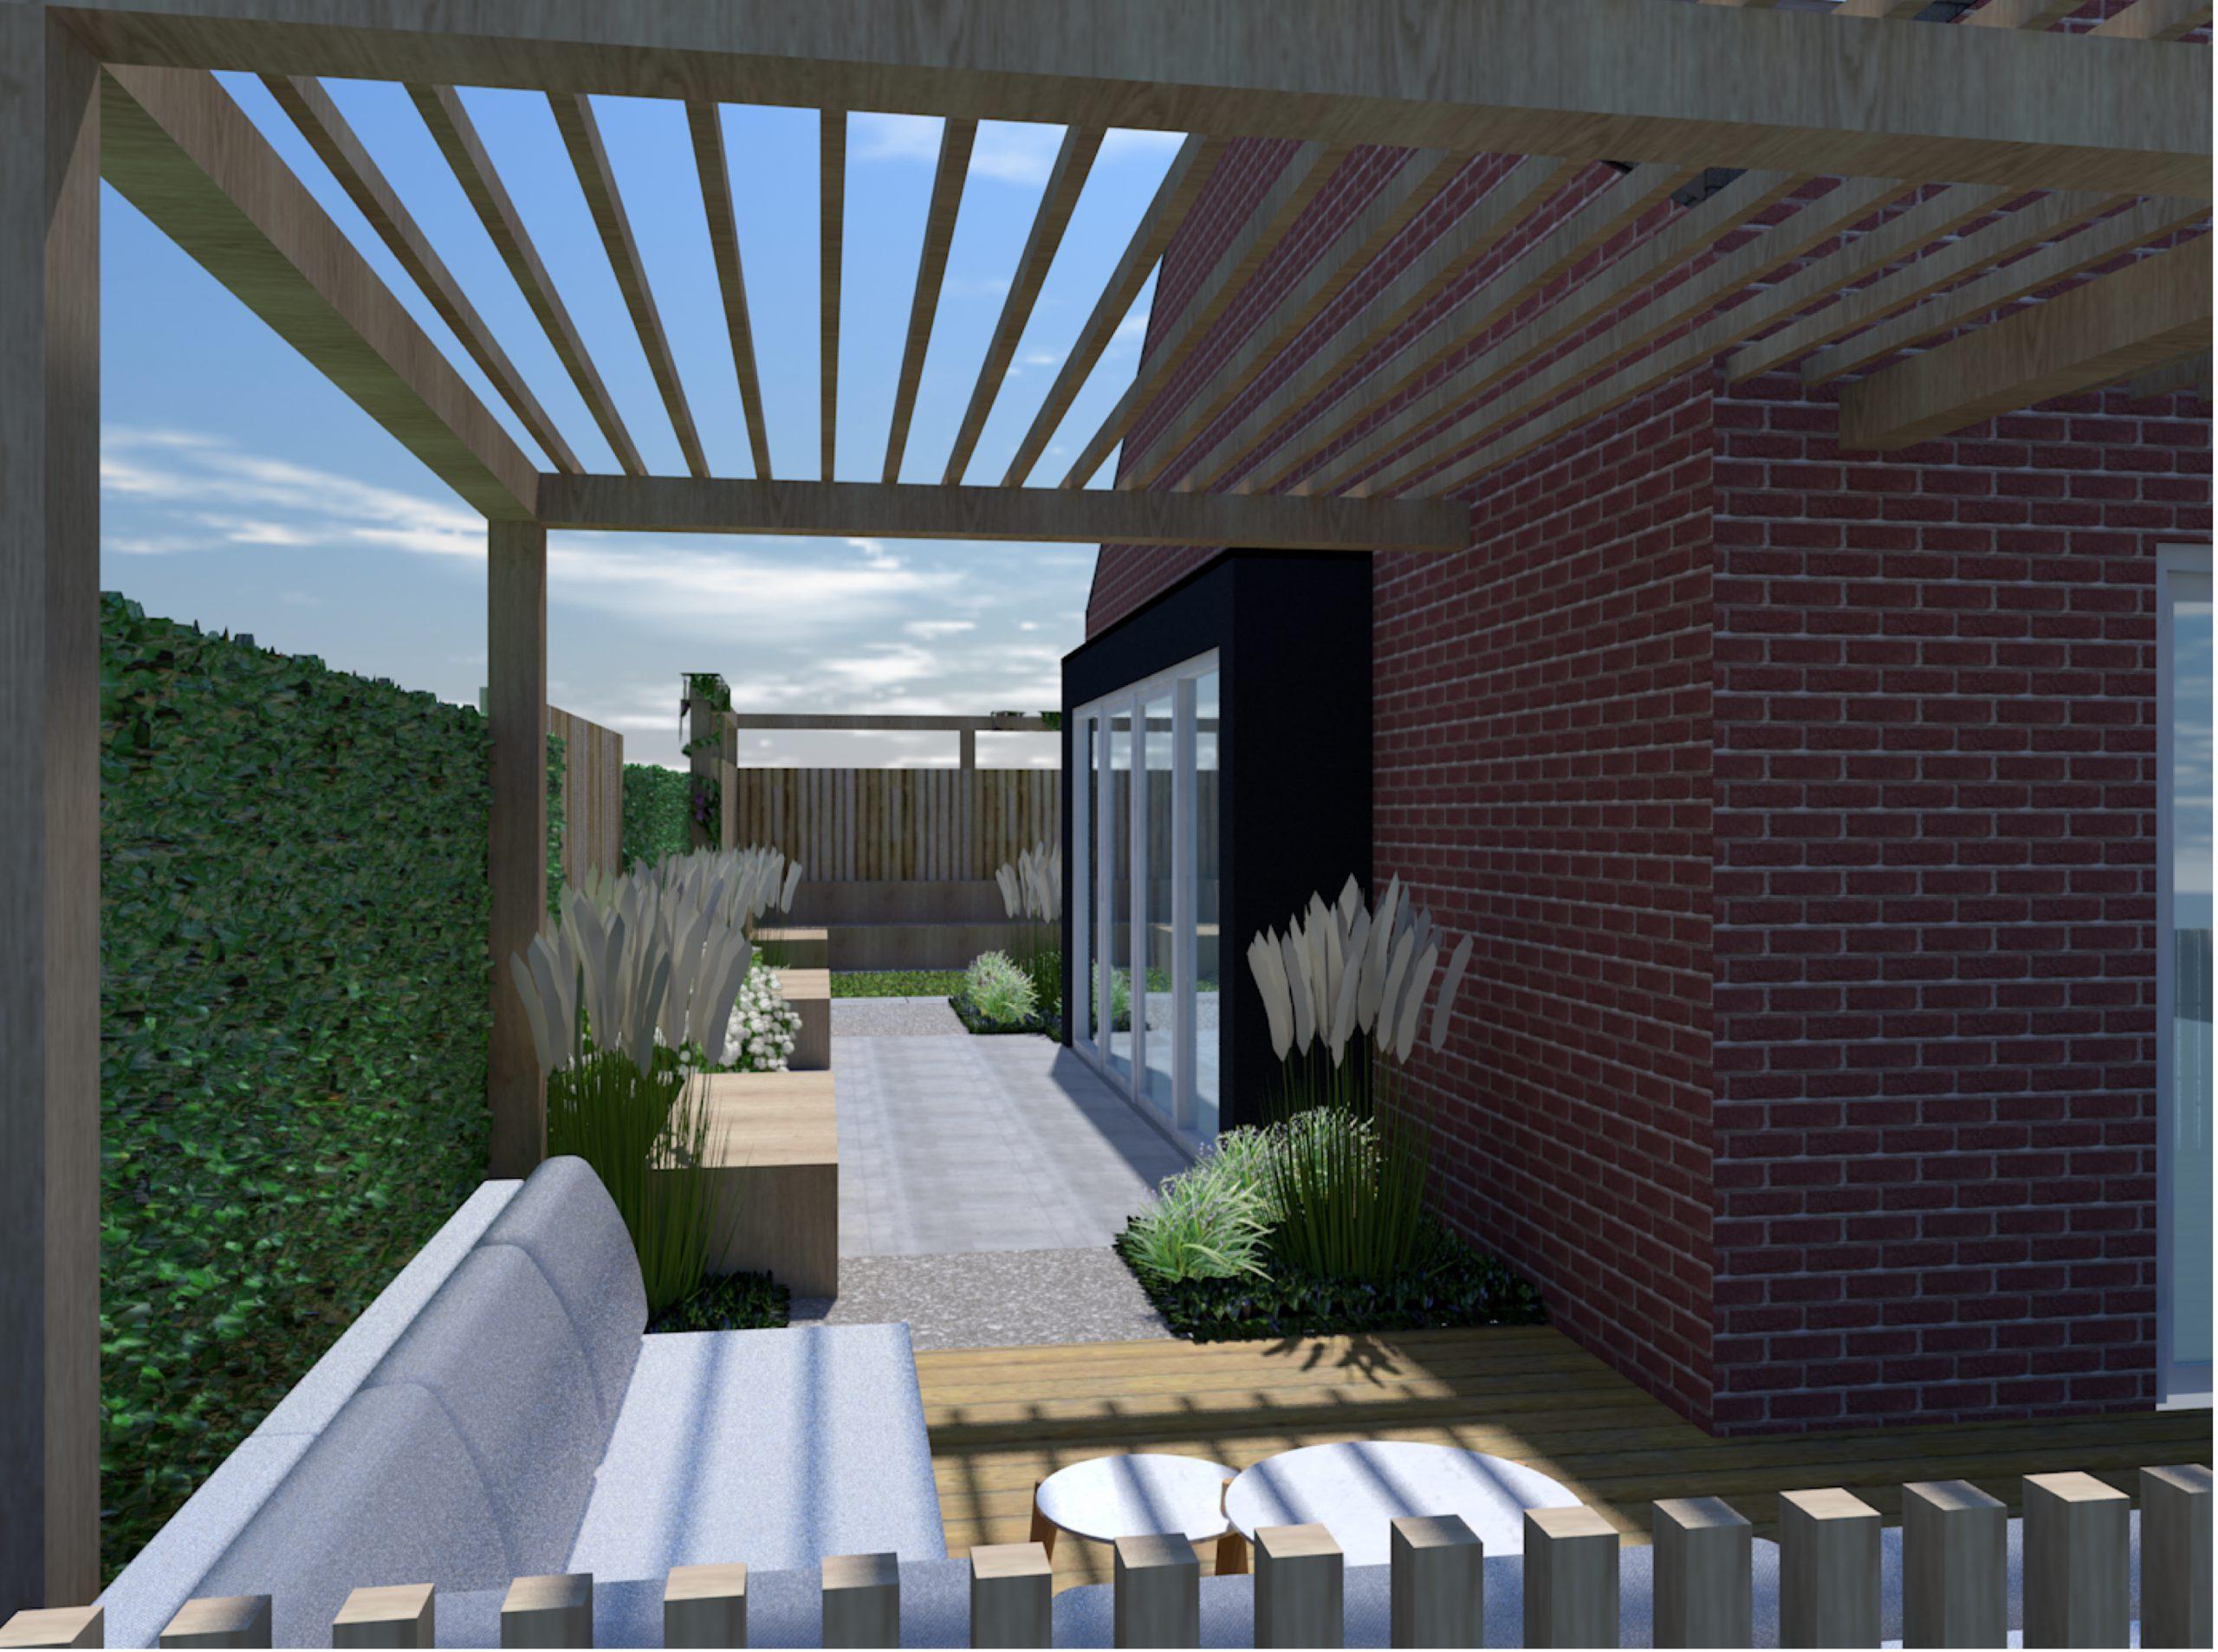 Tuin ontwerp LIV design